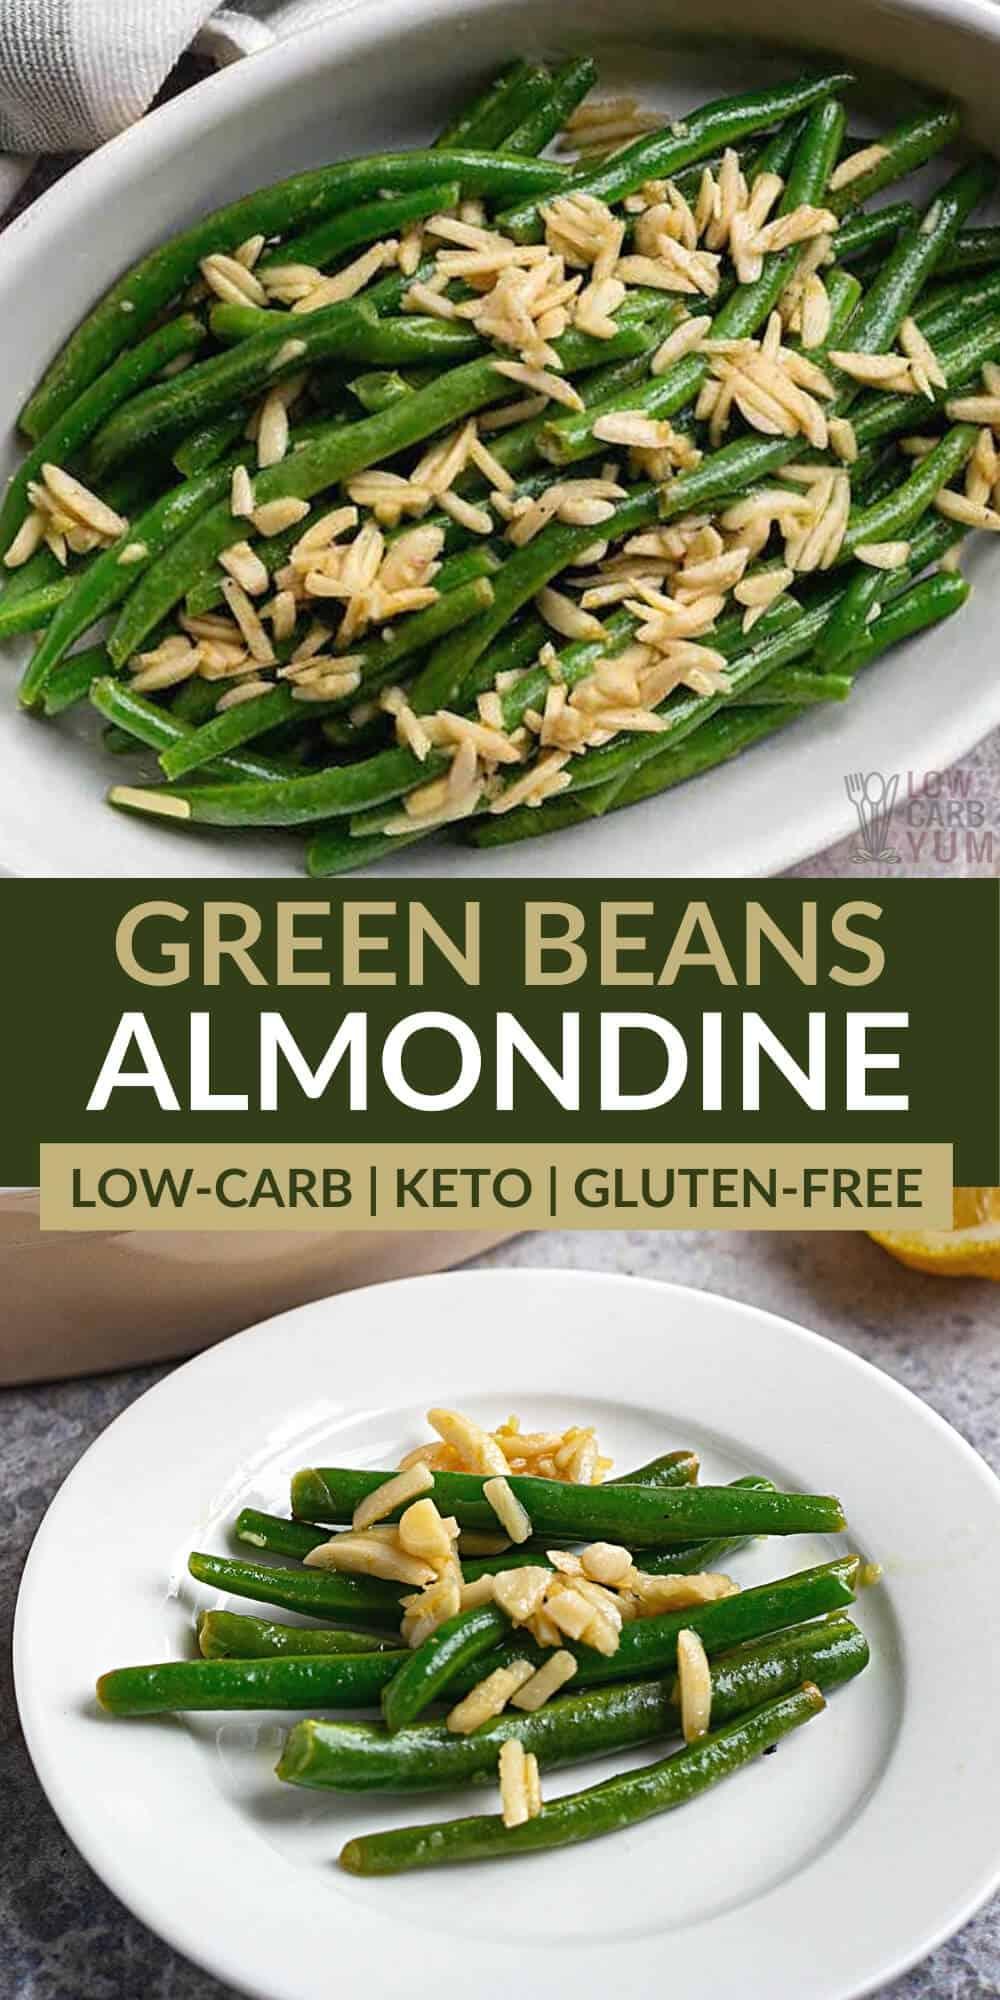 green beans almondine pinterest image